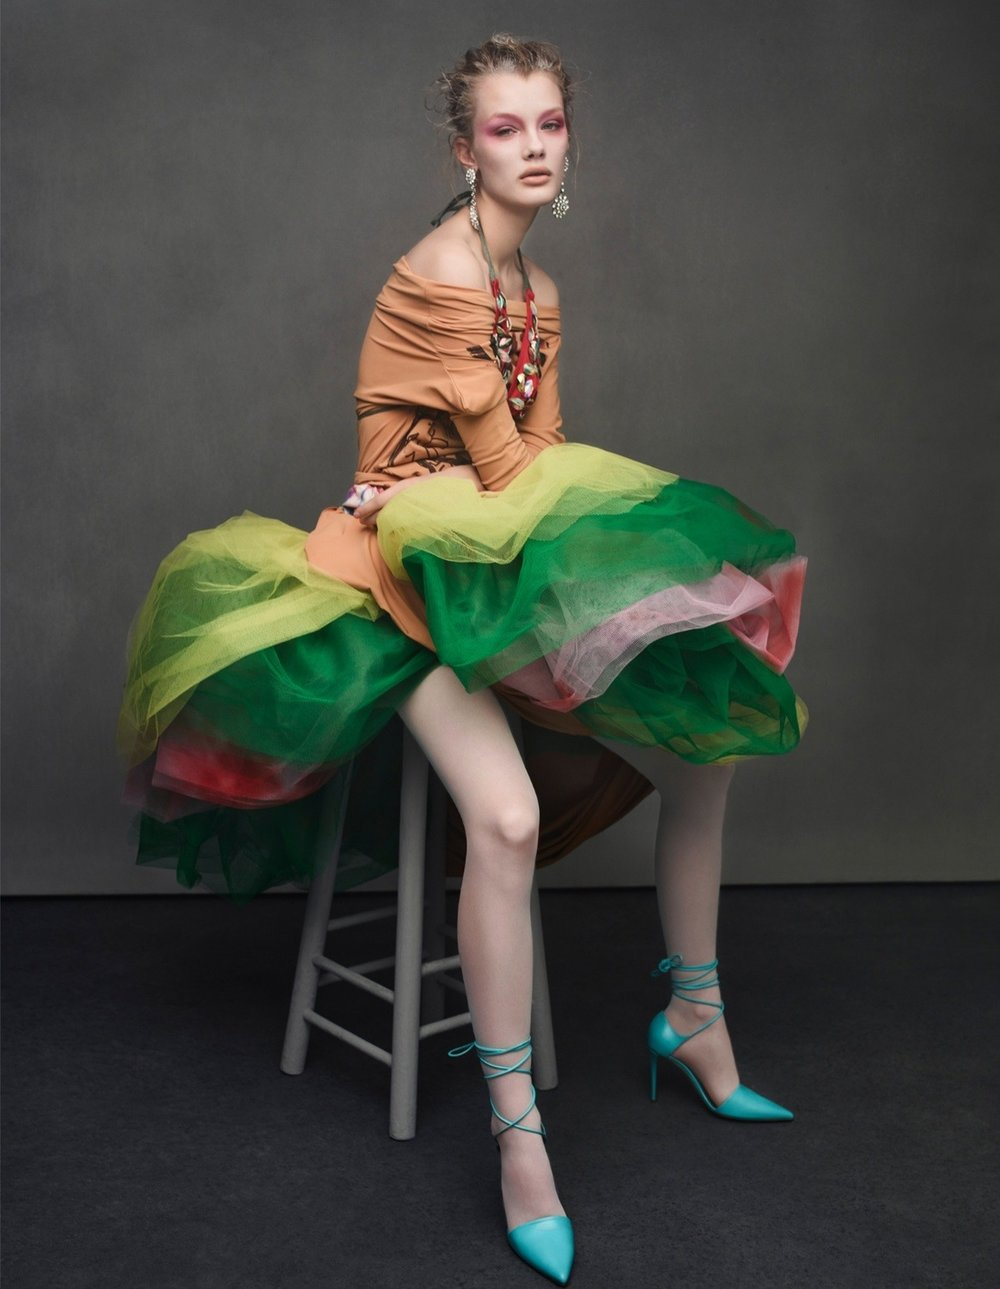 Kris Grikaite by Solve Sundsbo for Vogue China Jan 2019 (14).jpg